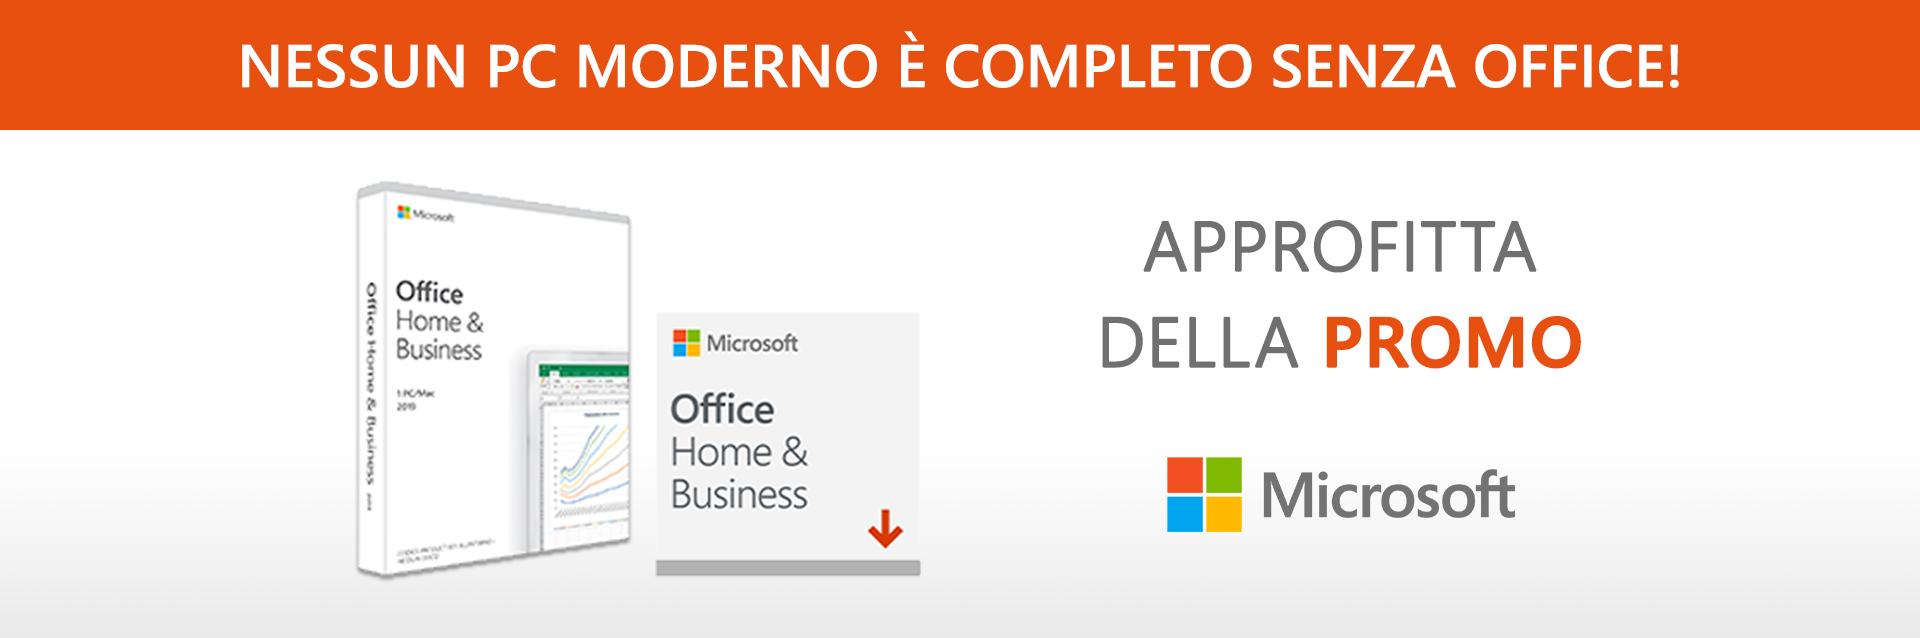 Promozione Microsoft